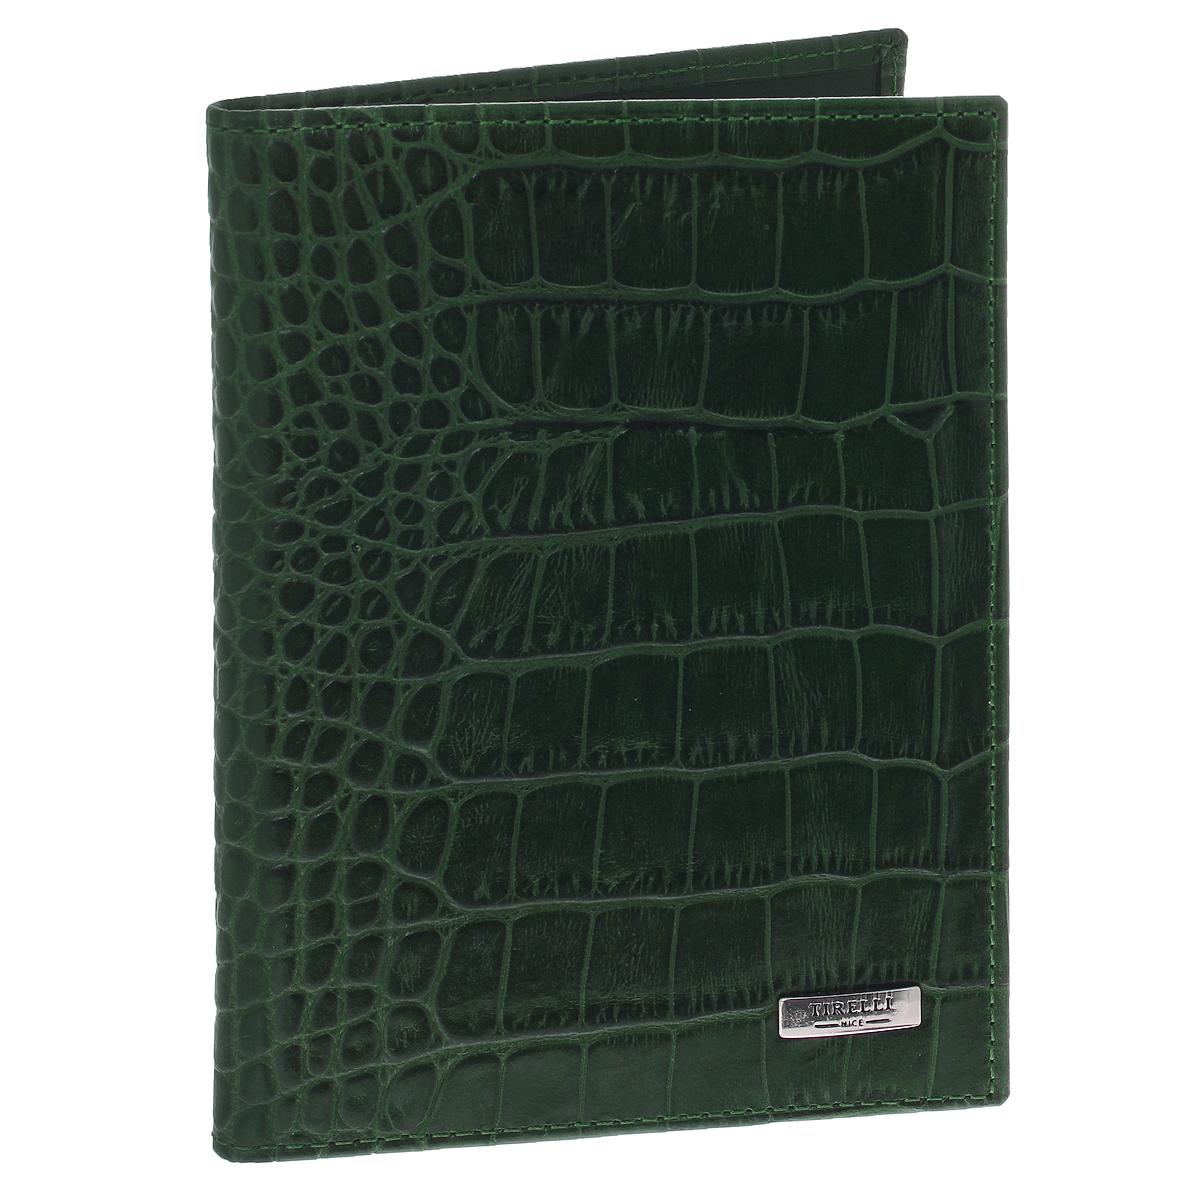 Бумажник водителя Tirelli Кроко, цвет: зеленый. BV-115-305-20Бумажник водителя Tirelli Кроко изготовлен из натуральной кожи с декоративным теснением под крокодила. Внутри содержится съемный блок из 6 прозрачных пластиковых файлов различного размера для автодокументов, четыре вертикальных кармана из кожи и четыре наборных кармашка для визиток или карточек. Стильный бумажник не только защитит ваши документы, но и станет стильным аксессуаром, подчеркивающим ваш образ. Изделие упаковано в подарочную коробку с логотипом фирмы Tirelli.